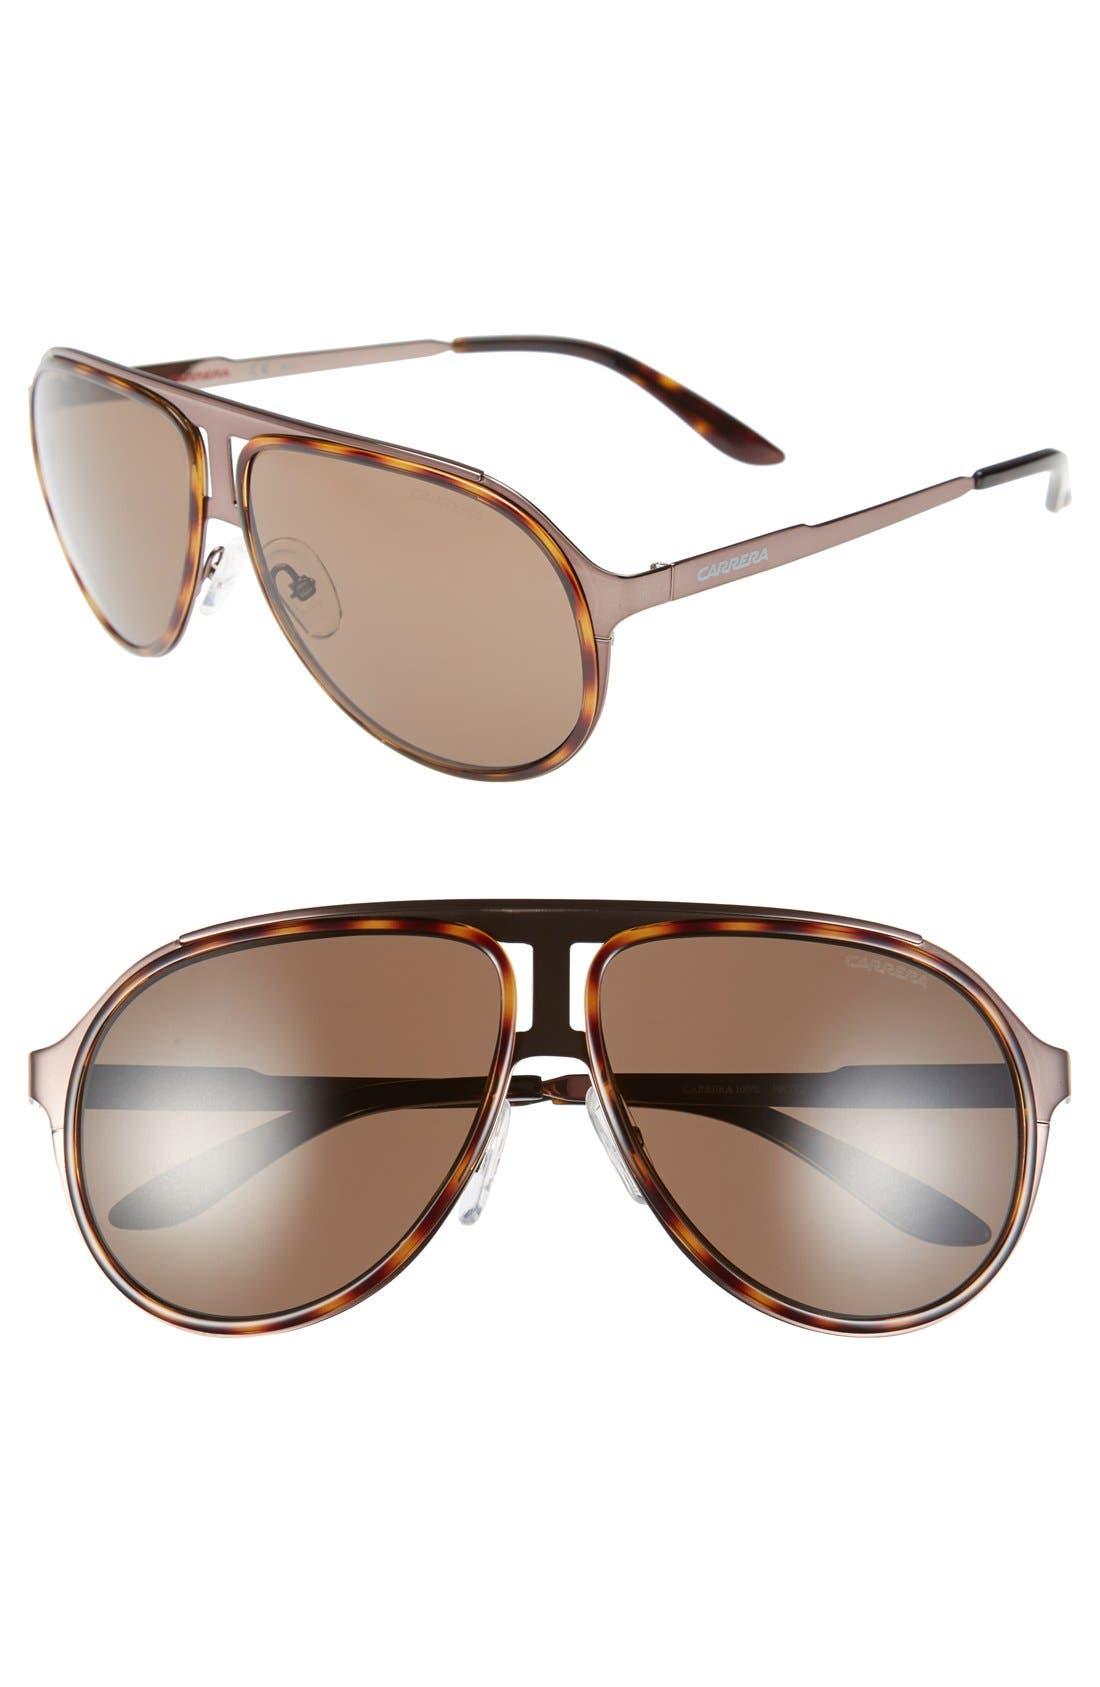 59mm Aviator Sunglasses,                             Main thumbnail 1, color,                             Brown Havana/ Brown